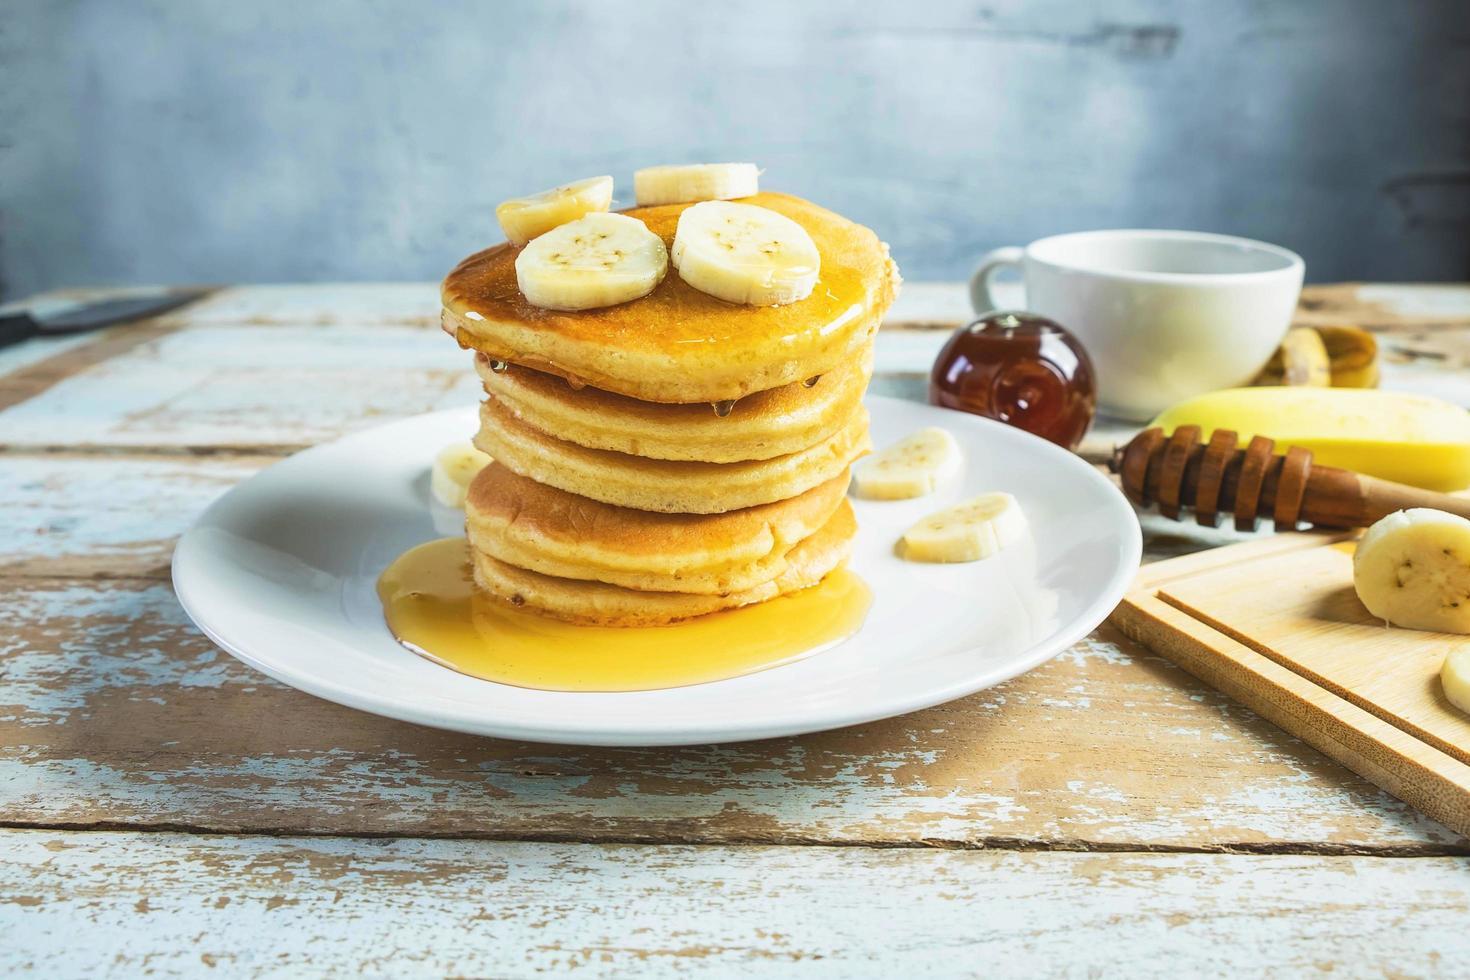 Pfannkuchen mit Honig und Bananen auf dem Tisch foto